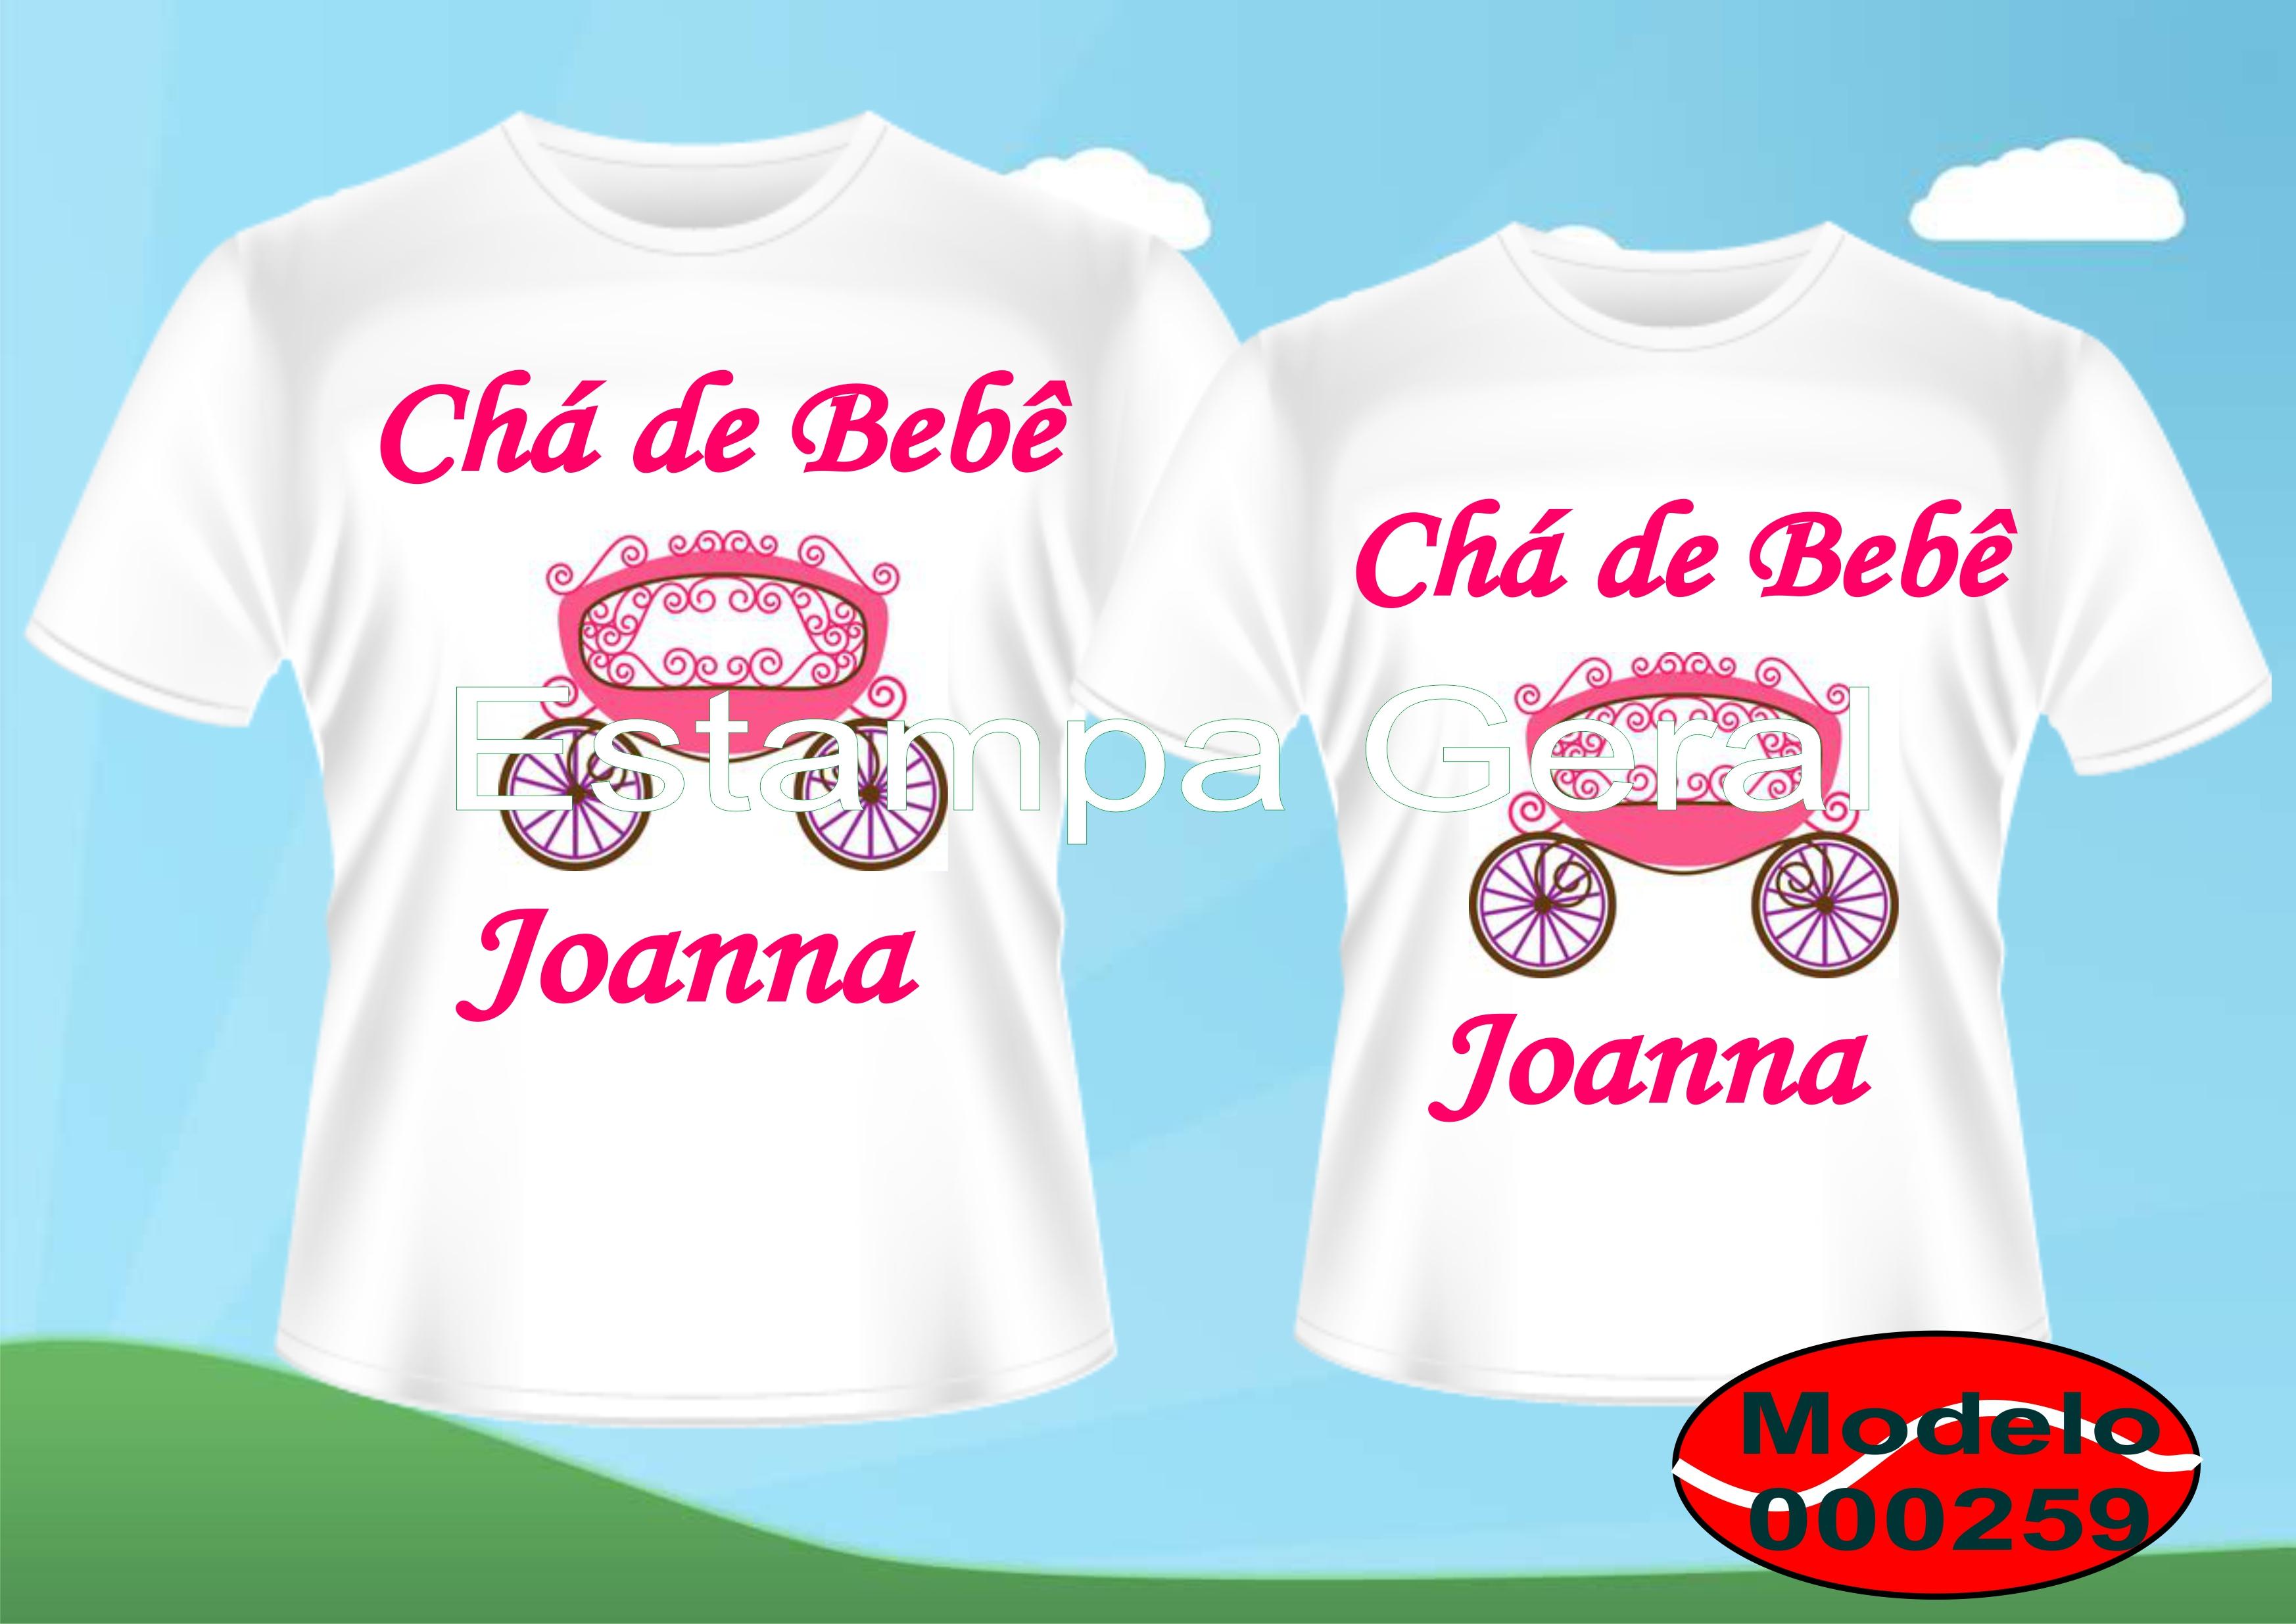 Camiseta Personalizada Para Chá De Bebê Elo7